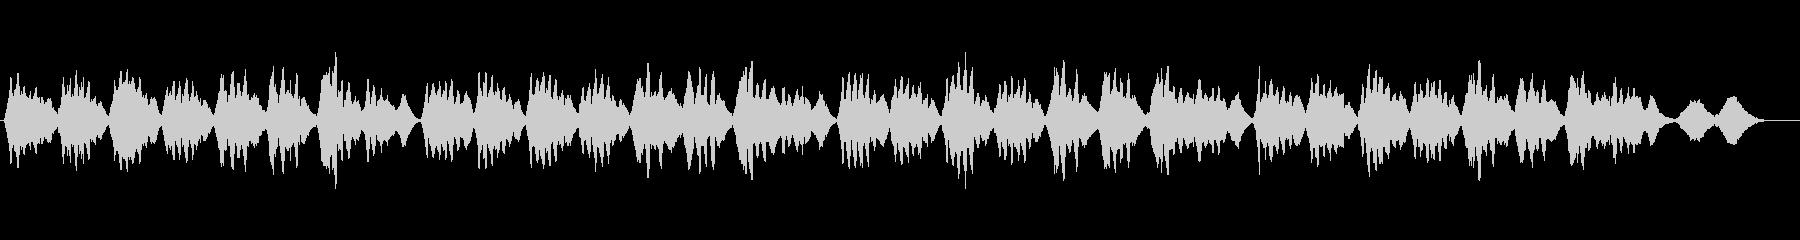 美しい弦楽四重奏の響きによる讃美歌461の未再生の波形